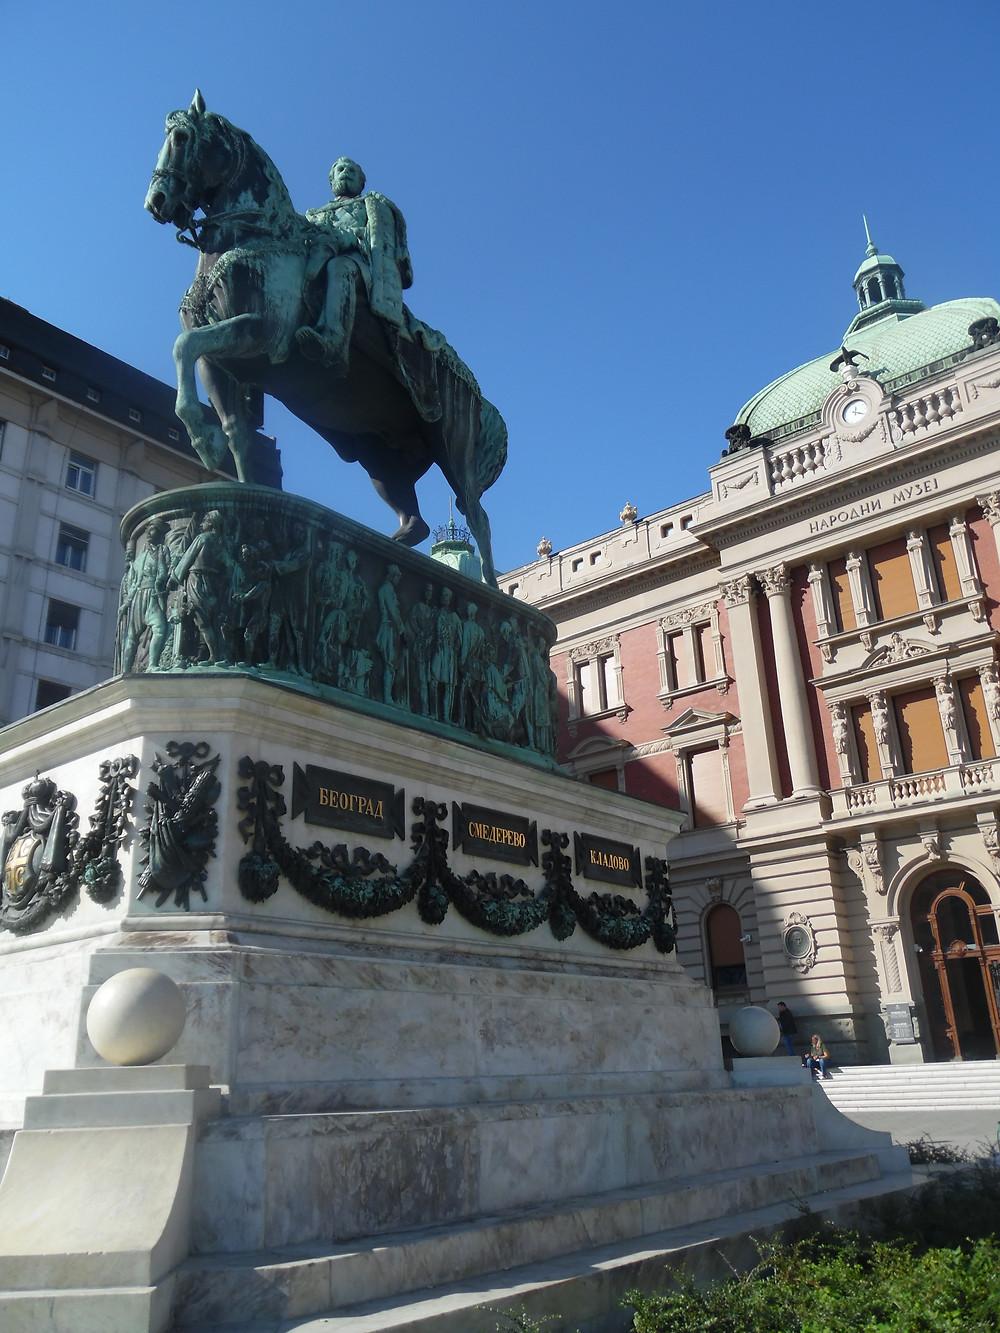 כיכר הרפובליקה פסל הנסיך מיכאלו צילום: אושרת אביחצירה פרזם